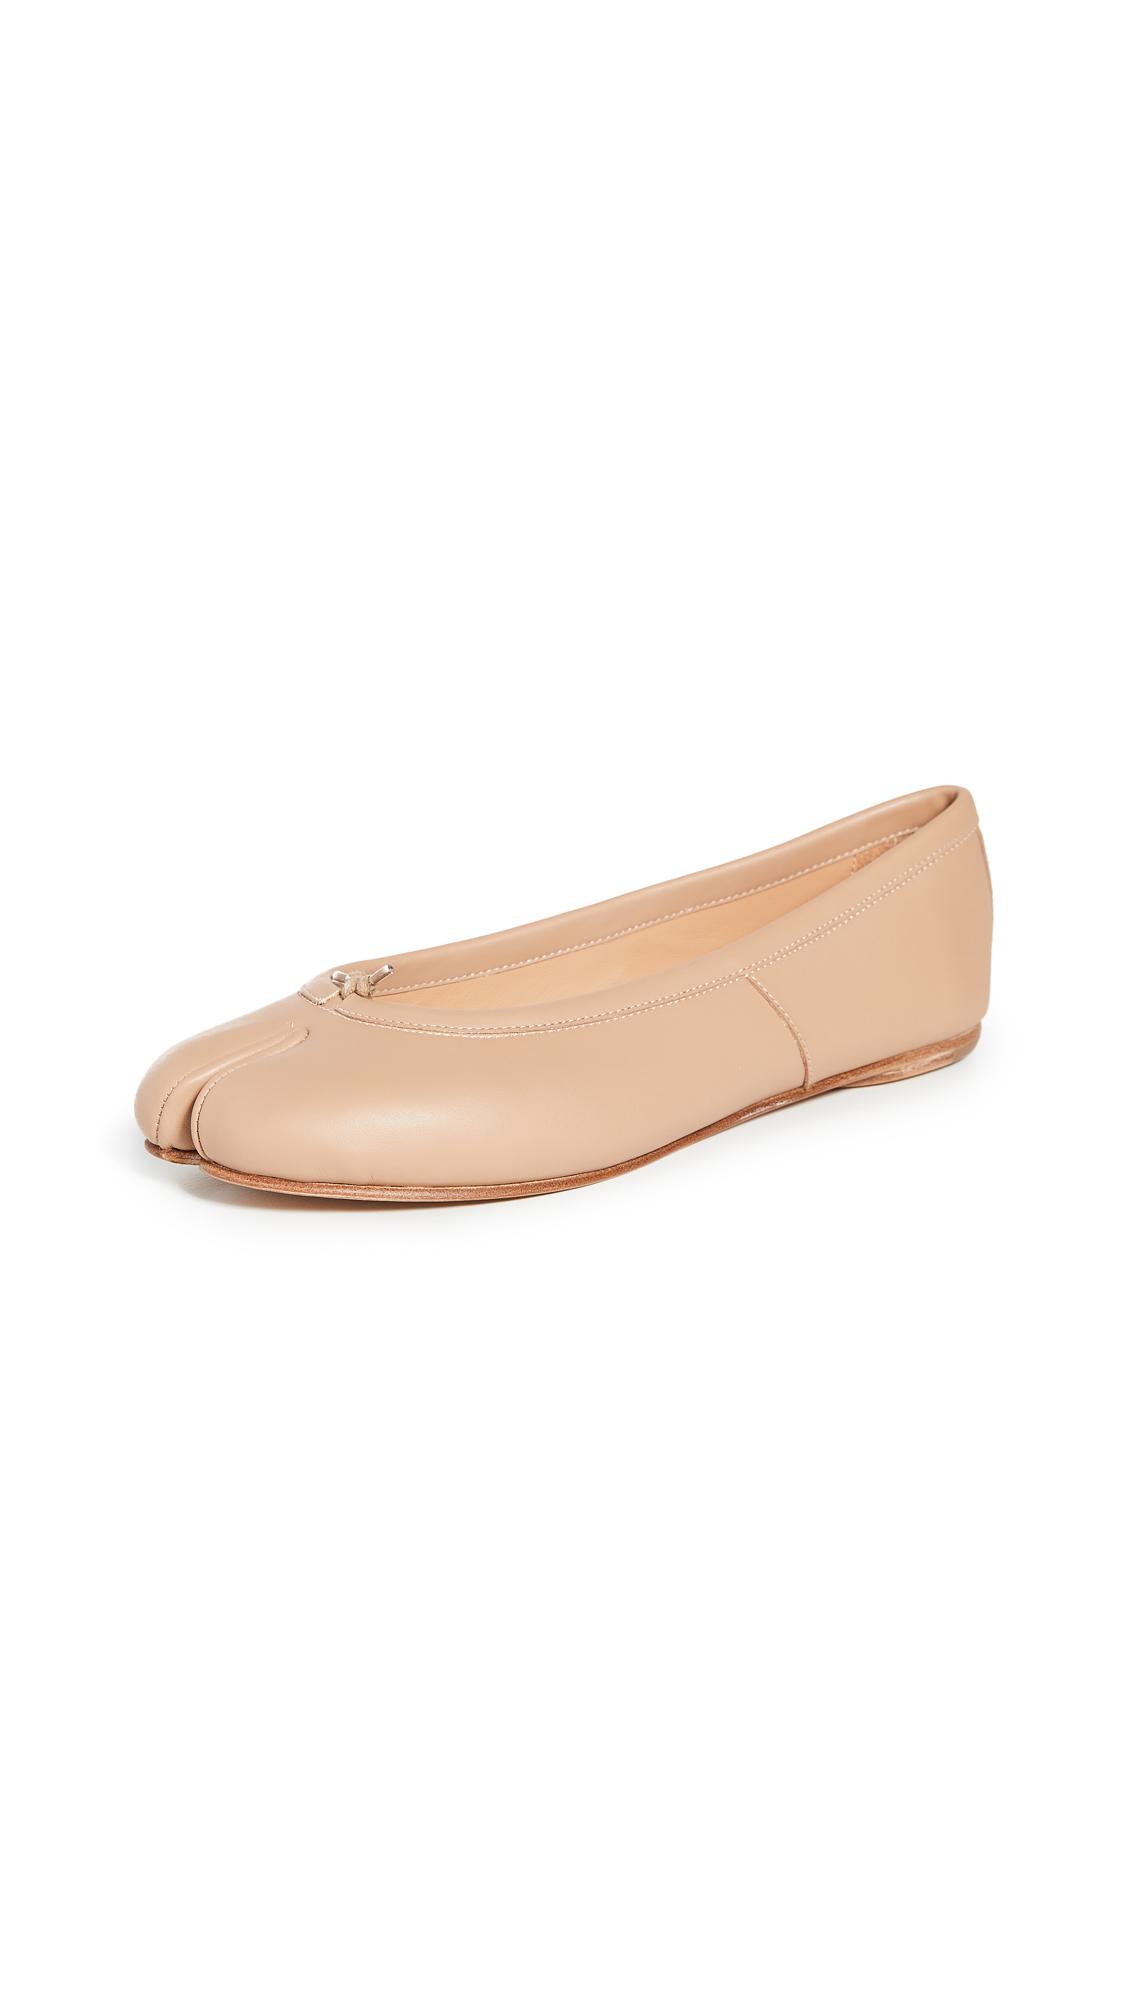 Buy Maison Margiela online - photo of Maison Margiela Faux Leather Tabi Flats